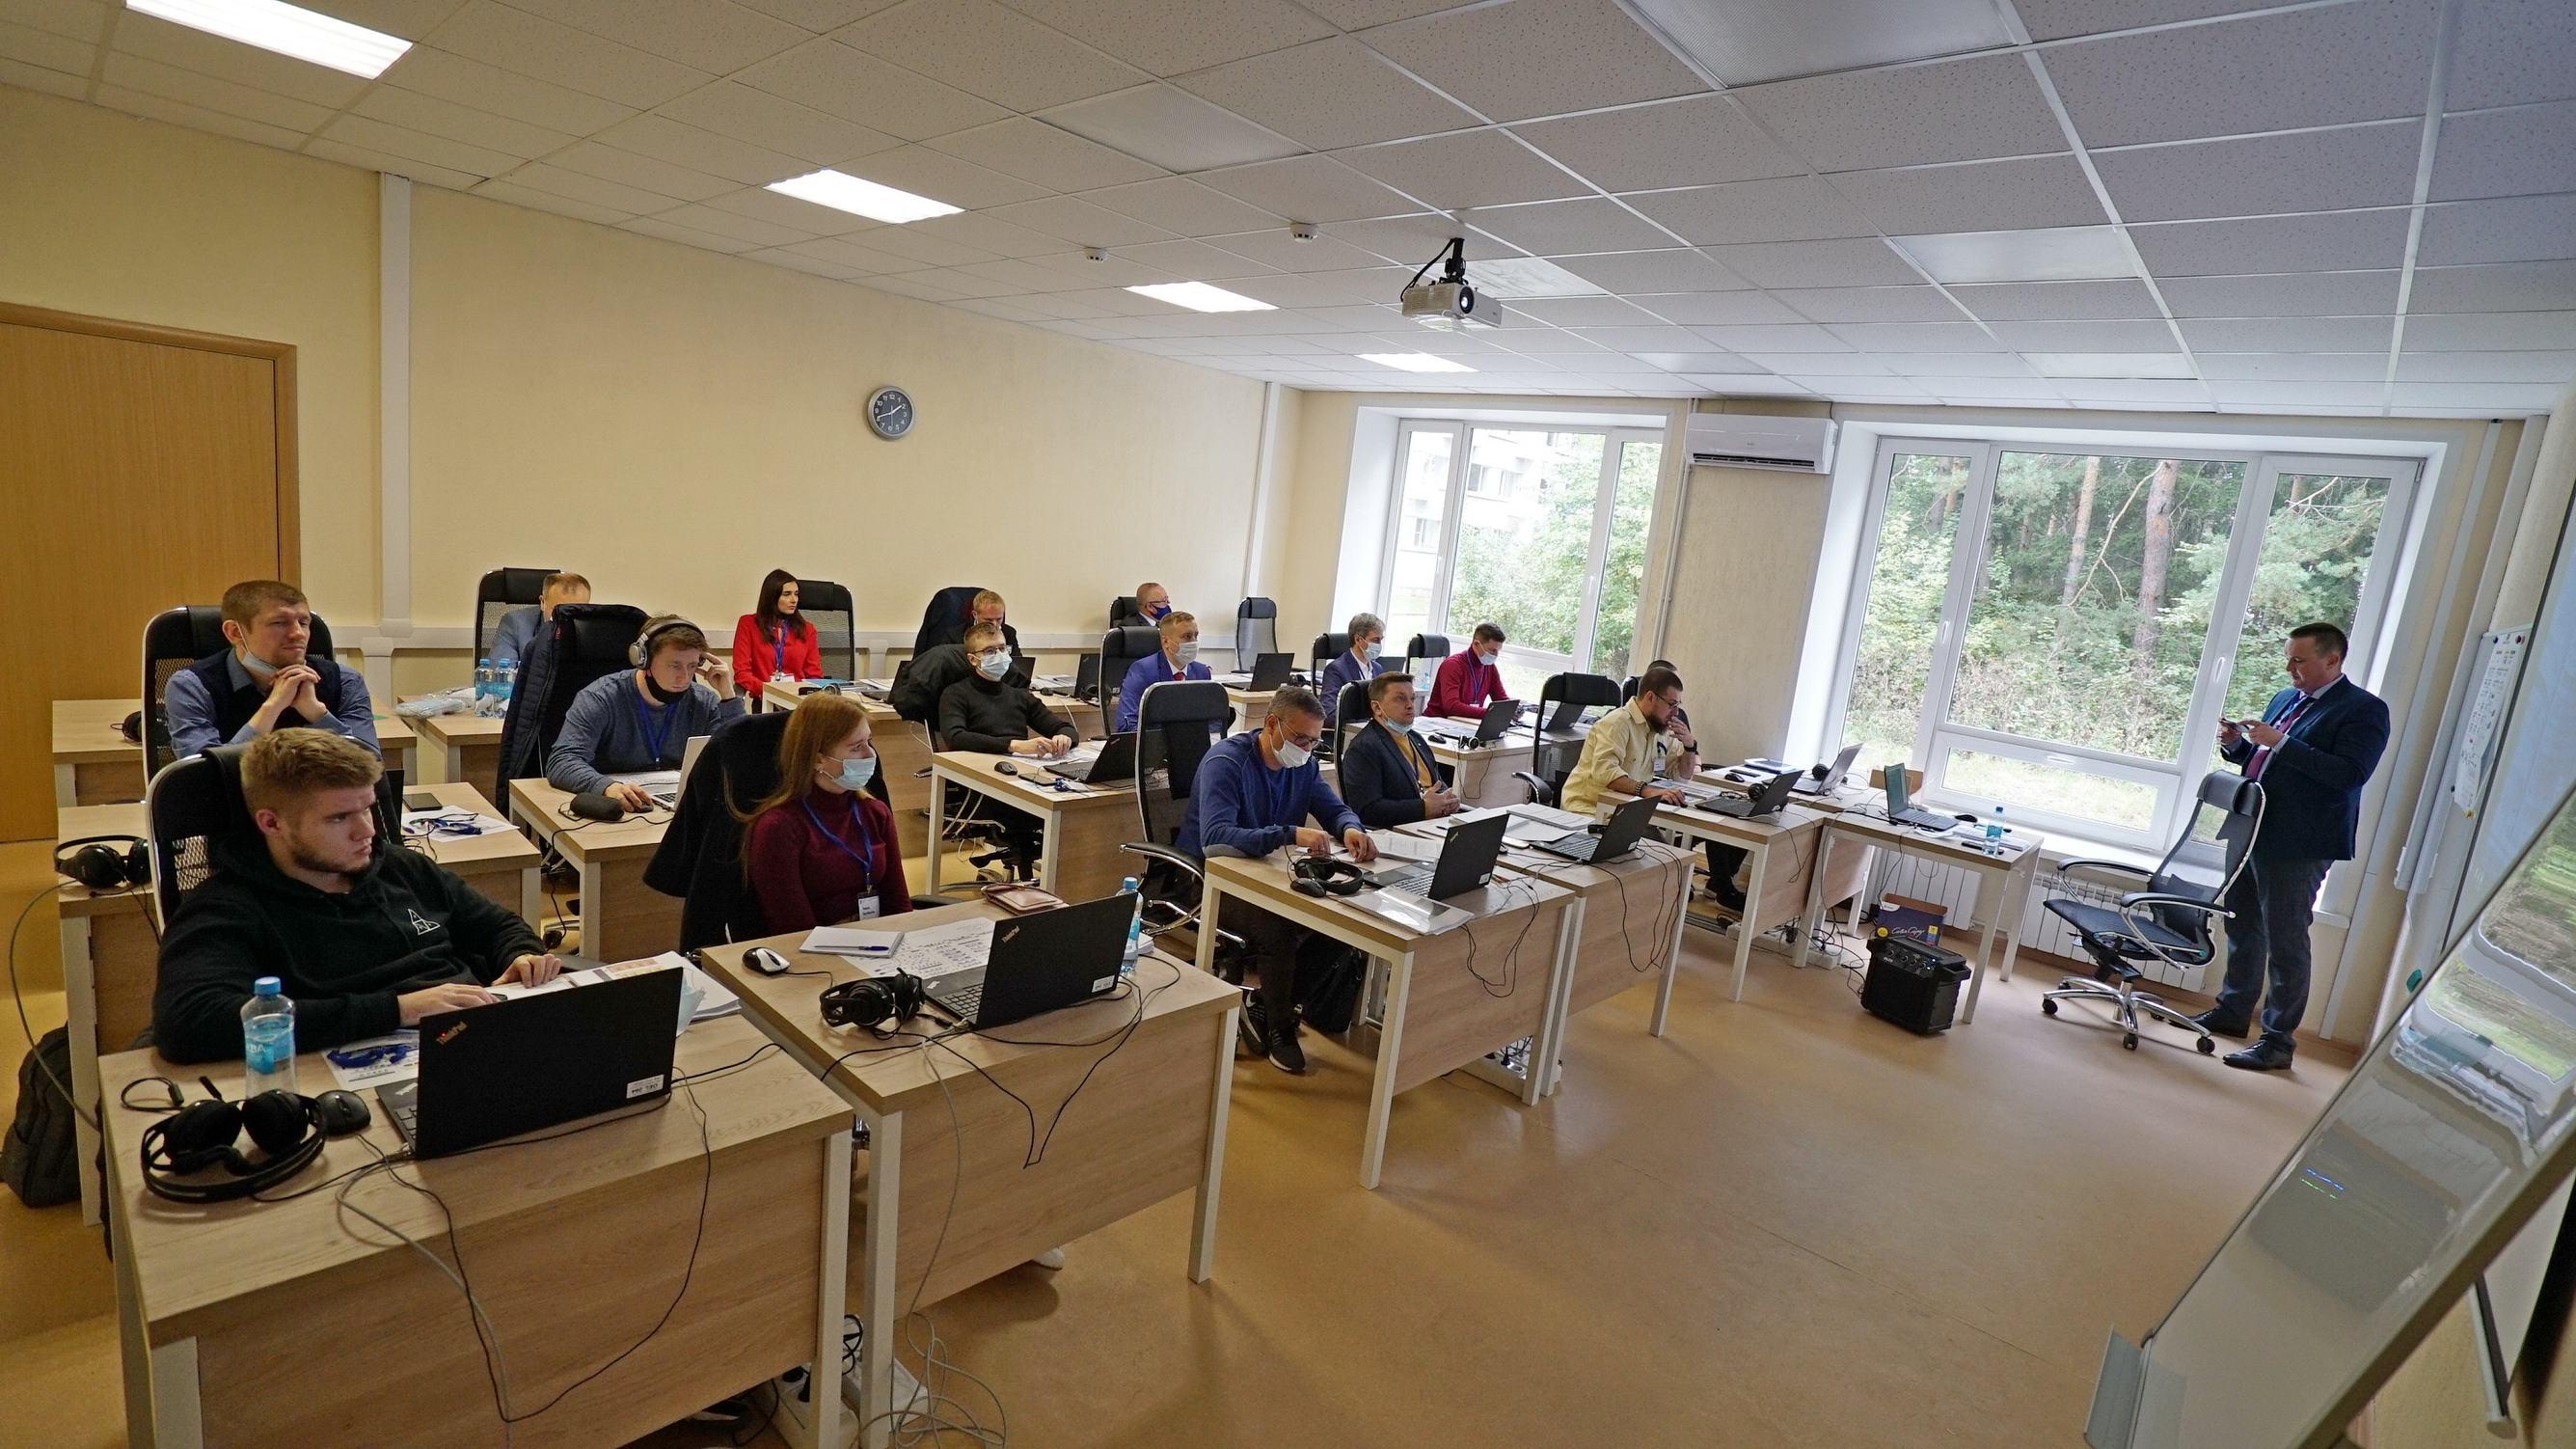 В Технической академии прошел Международный курс МАГАТЭ по оценке компьютерной безопасности ядерных объектов